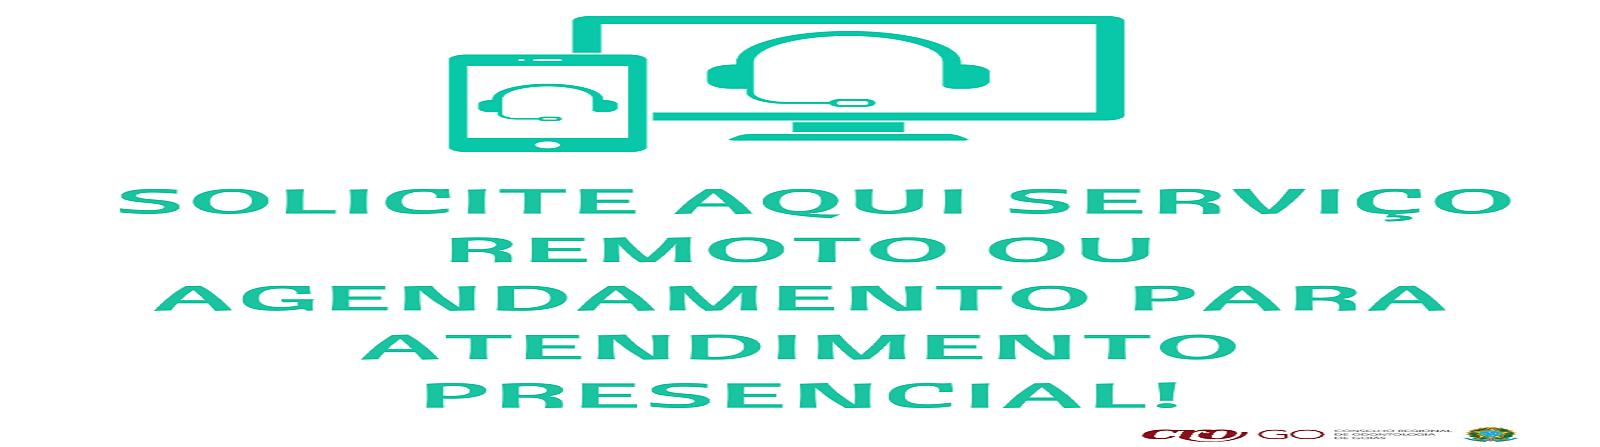 Solicite_aqui_atendimento_remoto_ou_agendamento_para_atendimento_presencial_-_1600_x_447